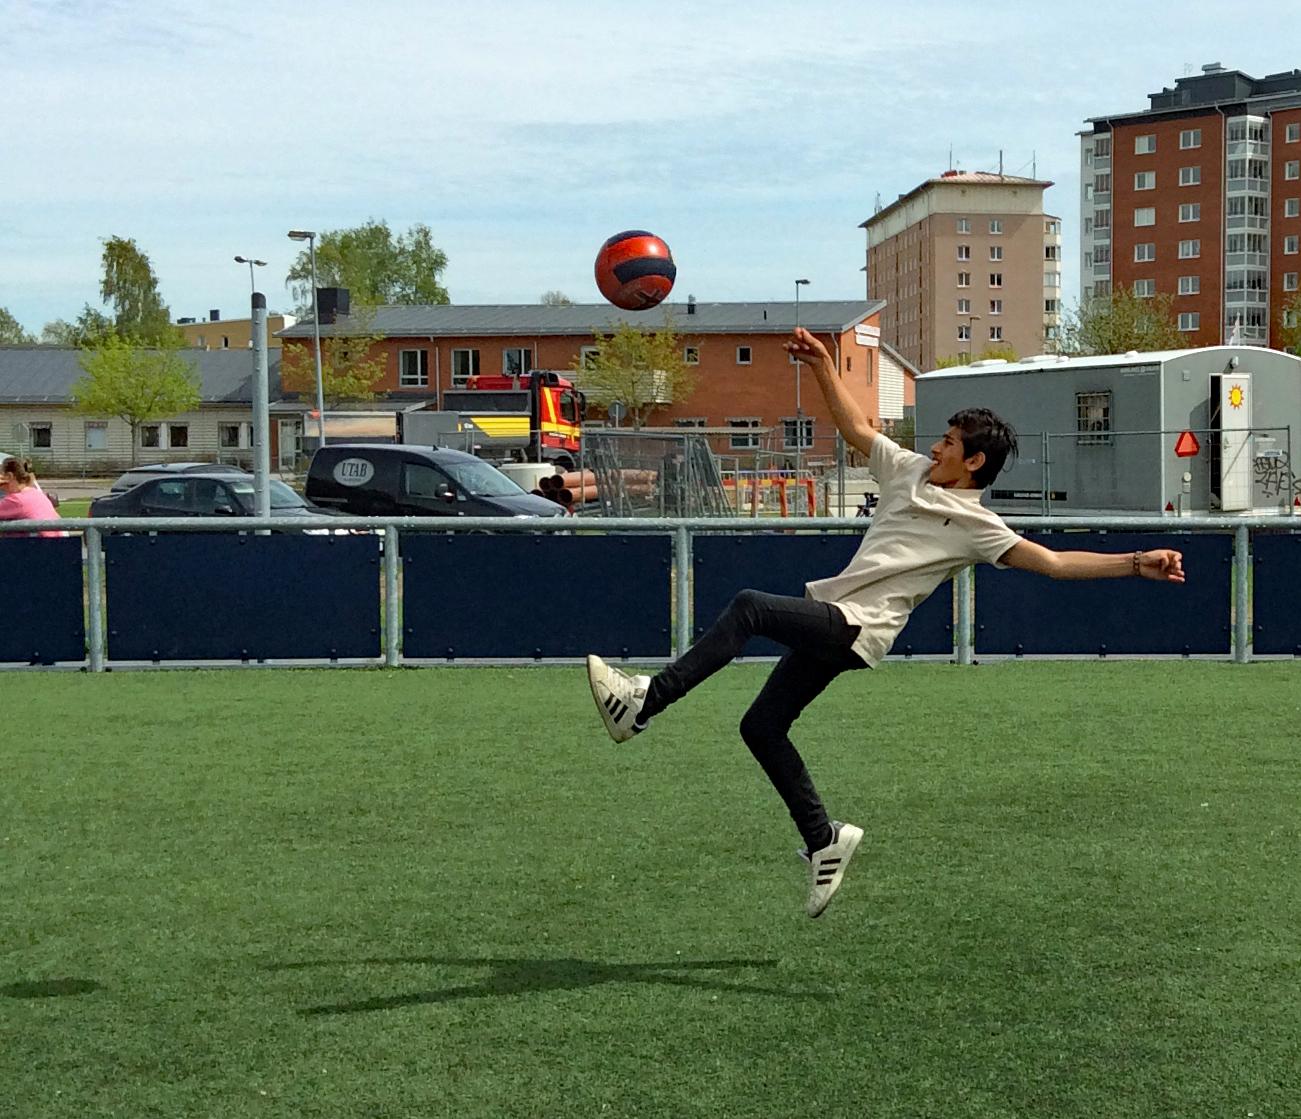 En pojke på en fotbollsplan ska precis göra en cykelspark.